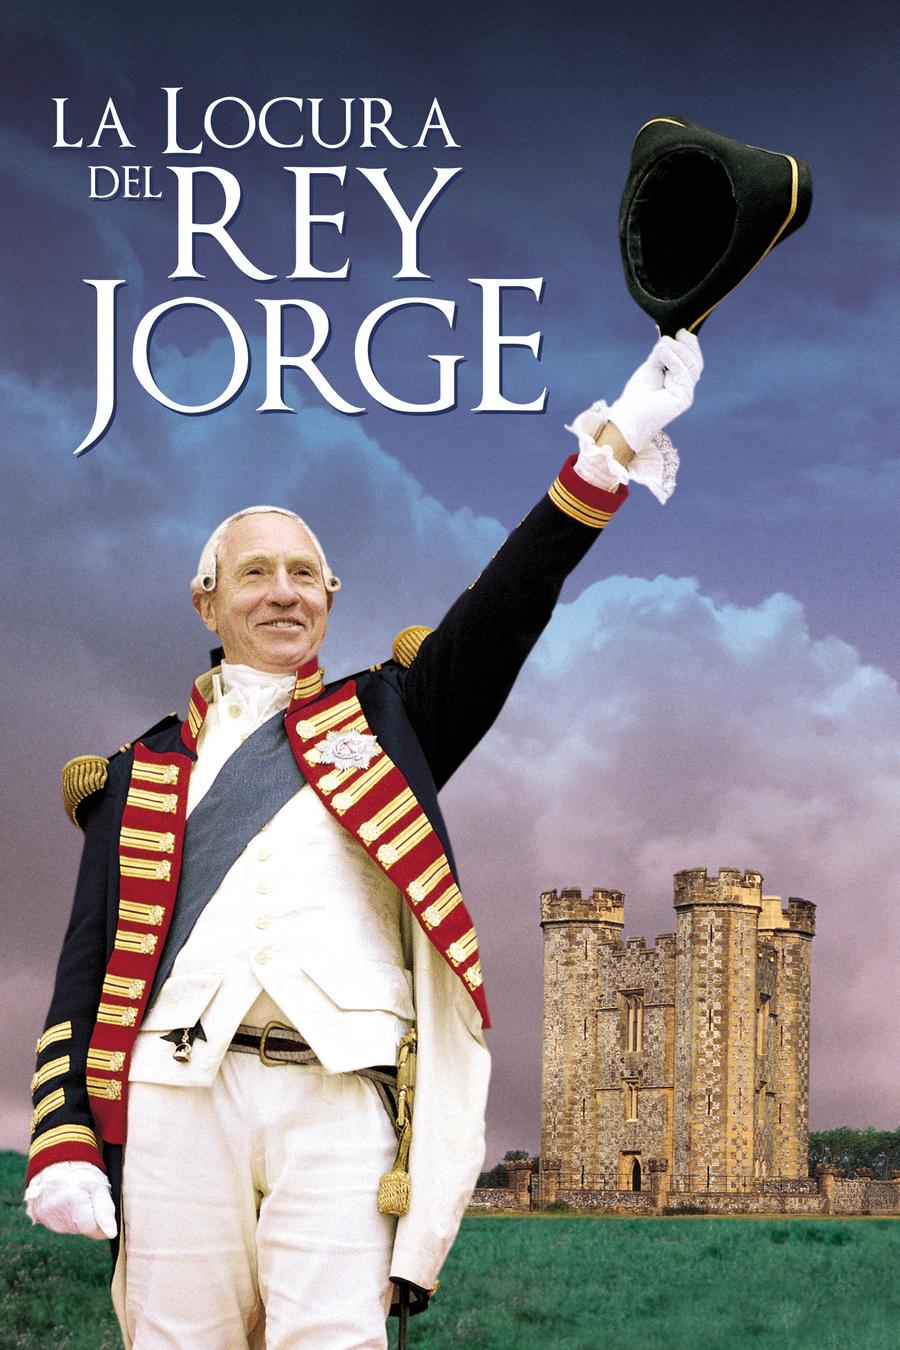 La locura del rey Jorge